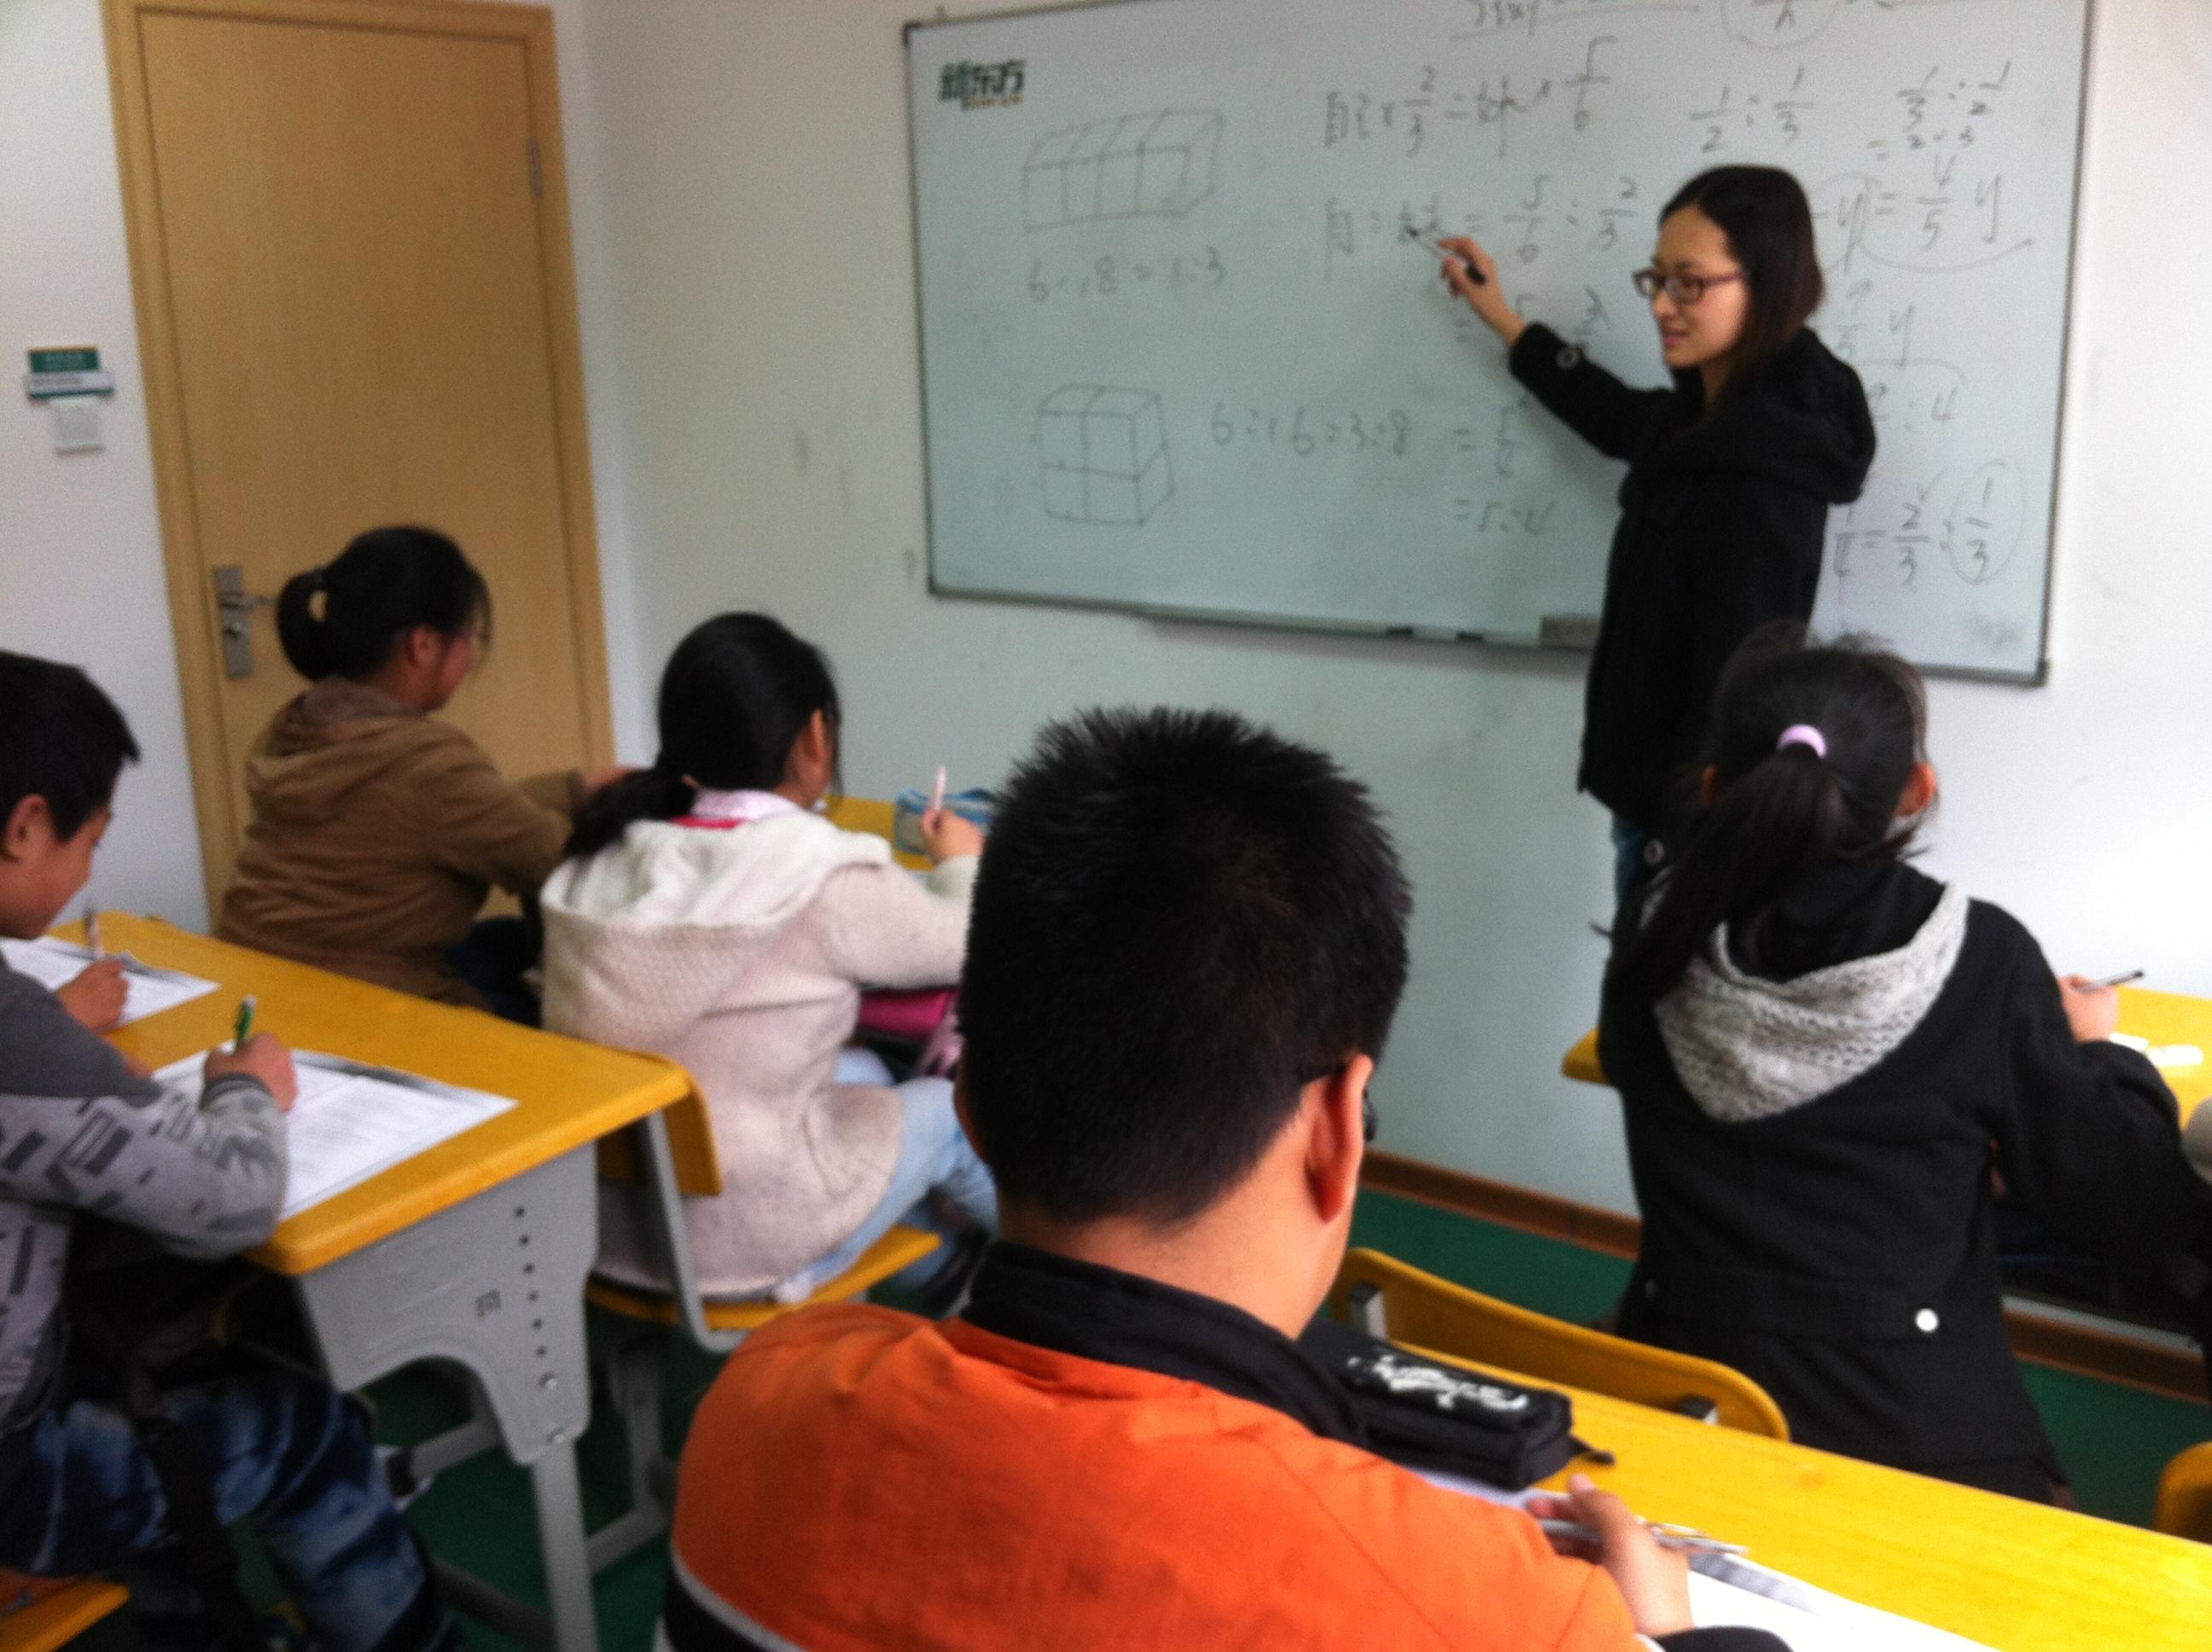 周一樨老师授课照片